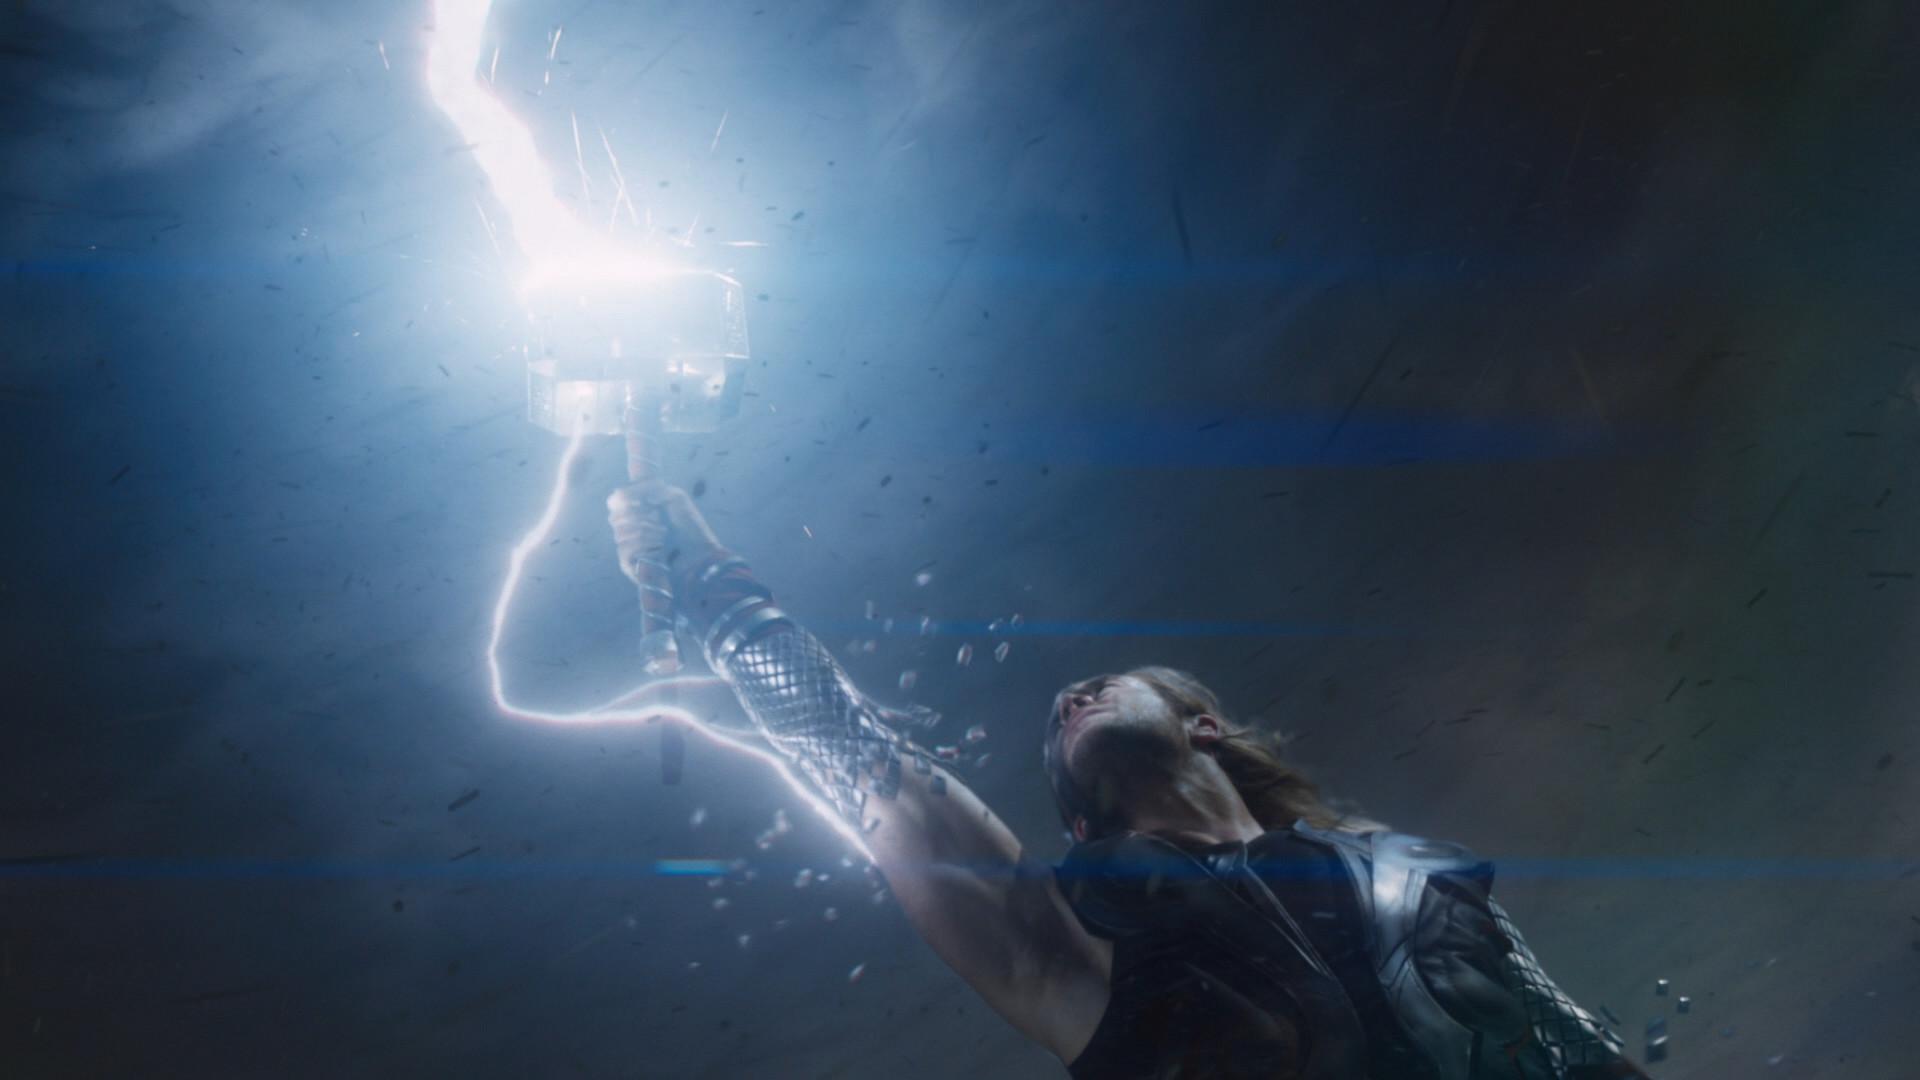 Thors hammer wallpaper 77 images - Thor art wallpaper ...